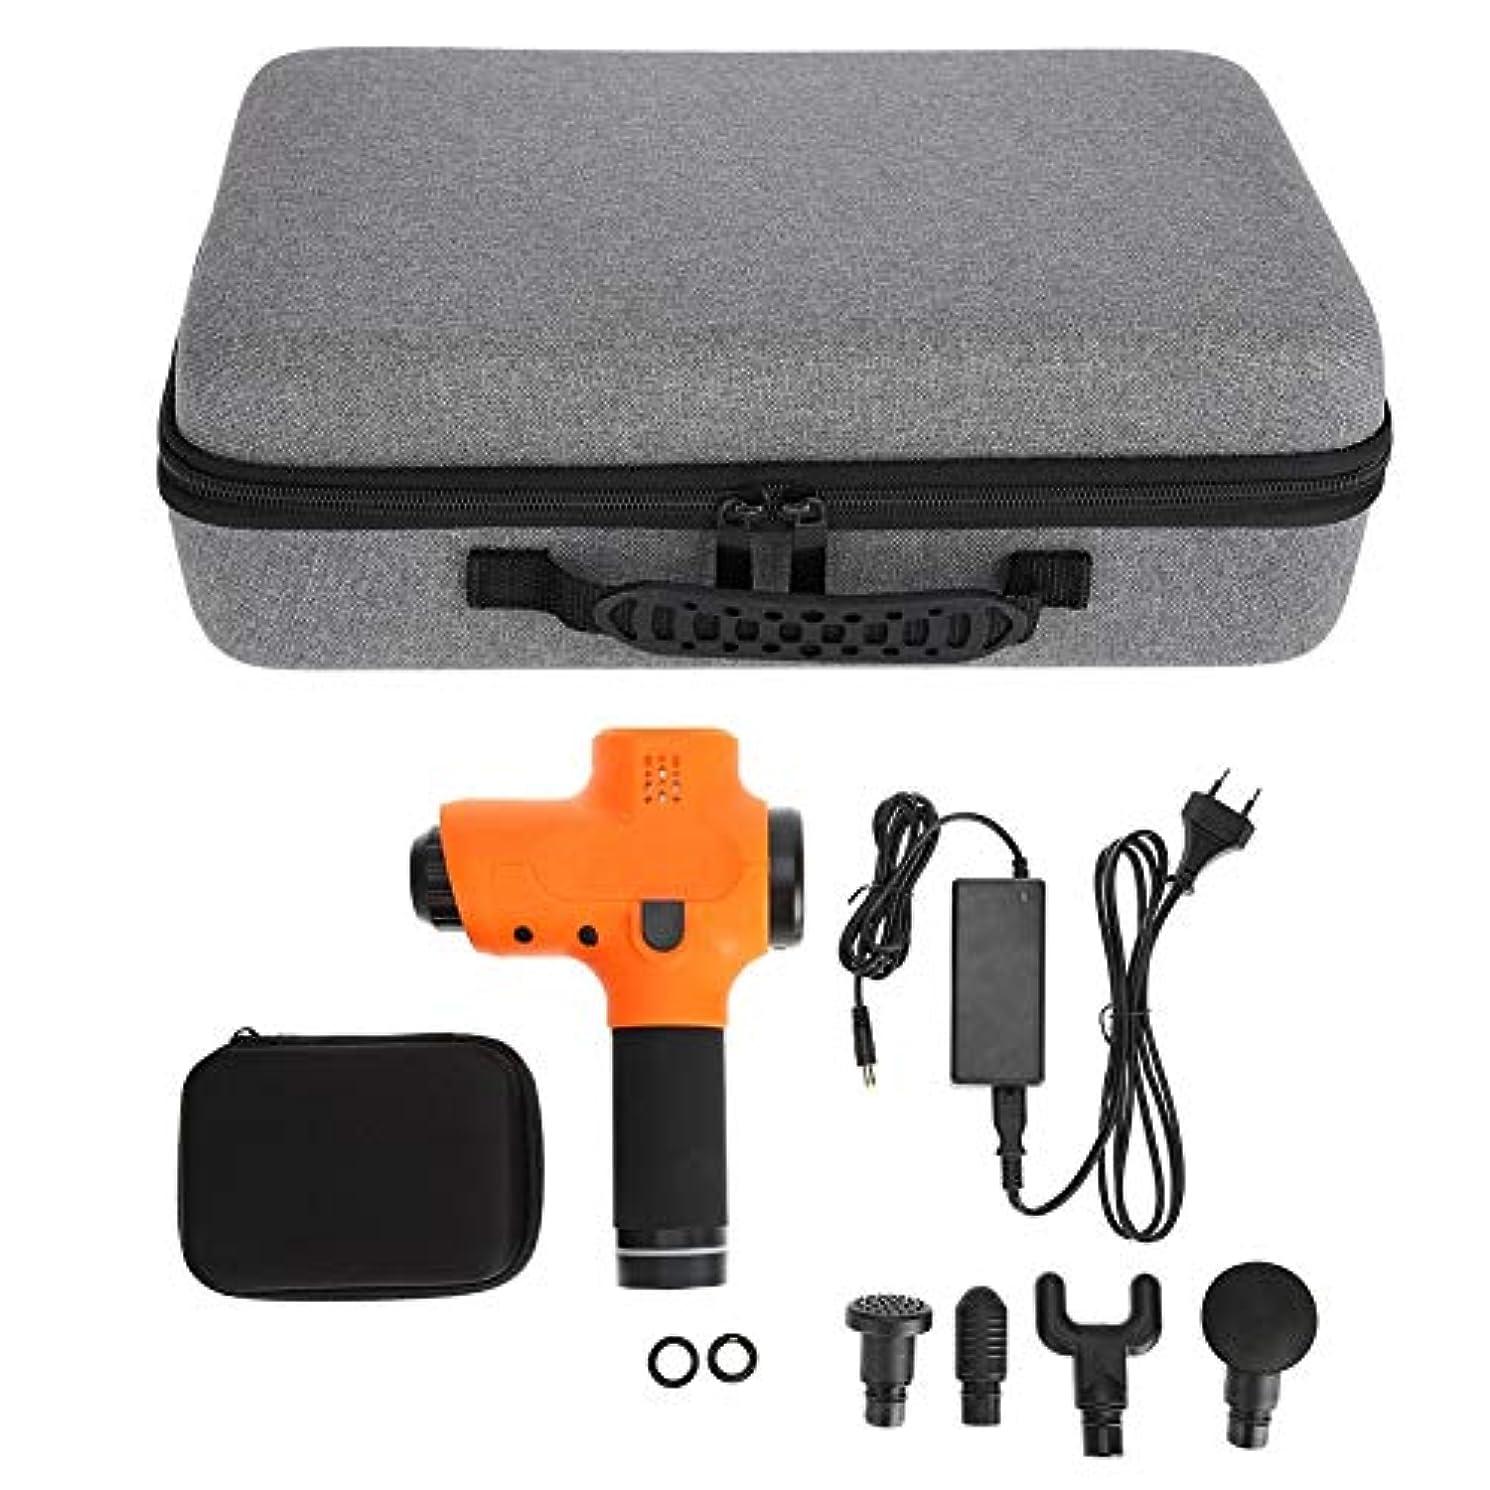 筋膜マッサージ銃、コードレスハンドヘルドディープティッシュ&マッスルマッサージ、ボディリラクゼーションマッサージ機(US Plug)